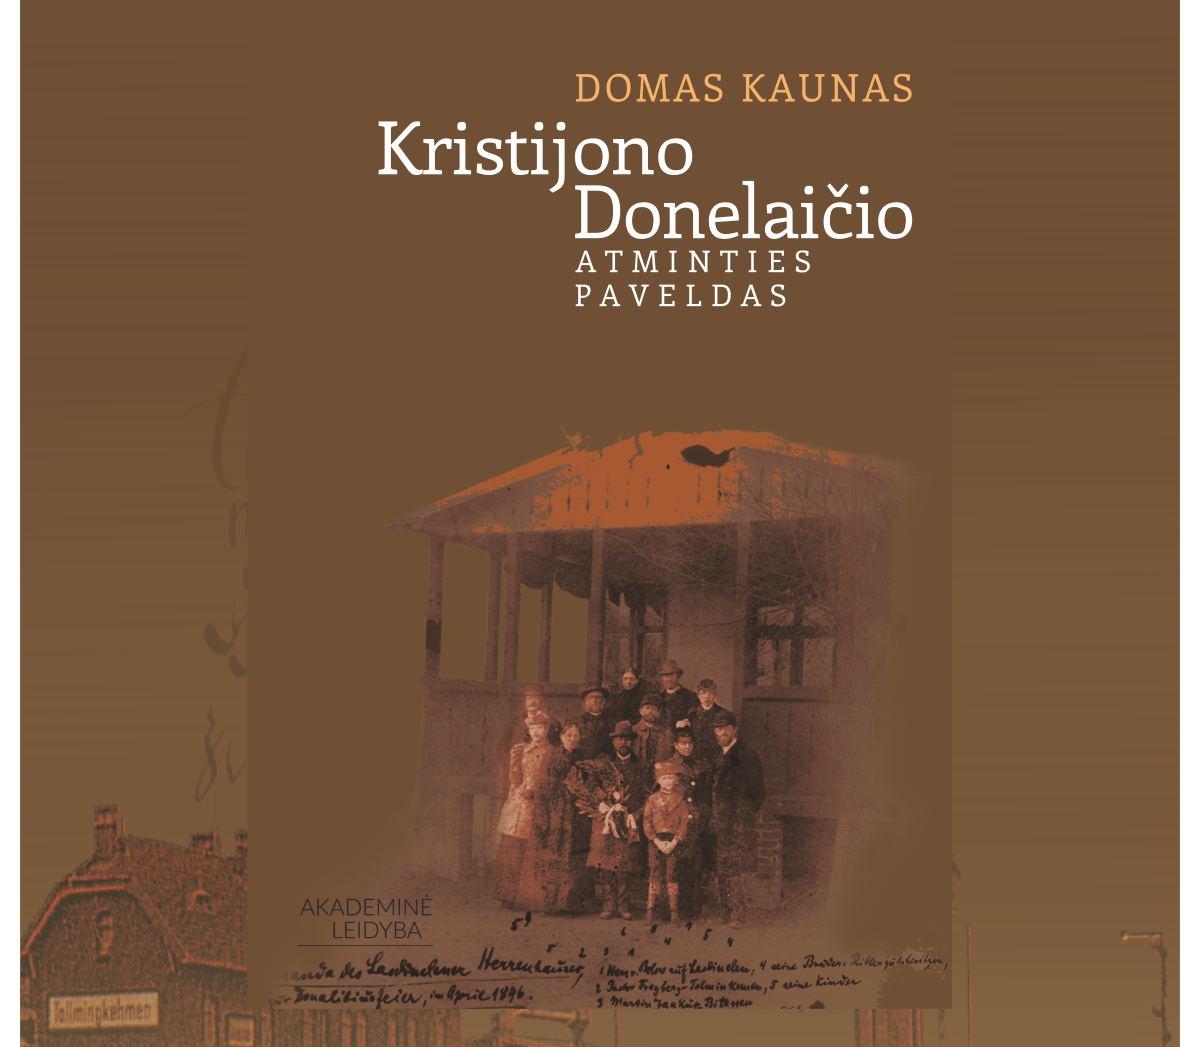 naujausia-domo-kauno-knyga-kristijono-donelaicio-atminties-paveldas-582c56c6c9b7b